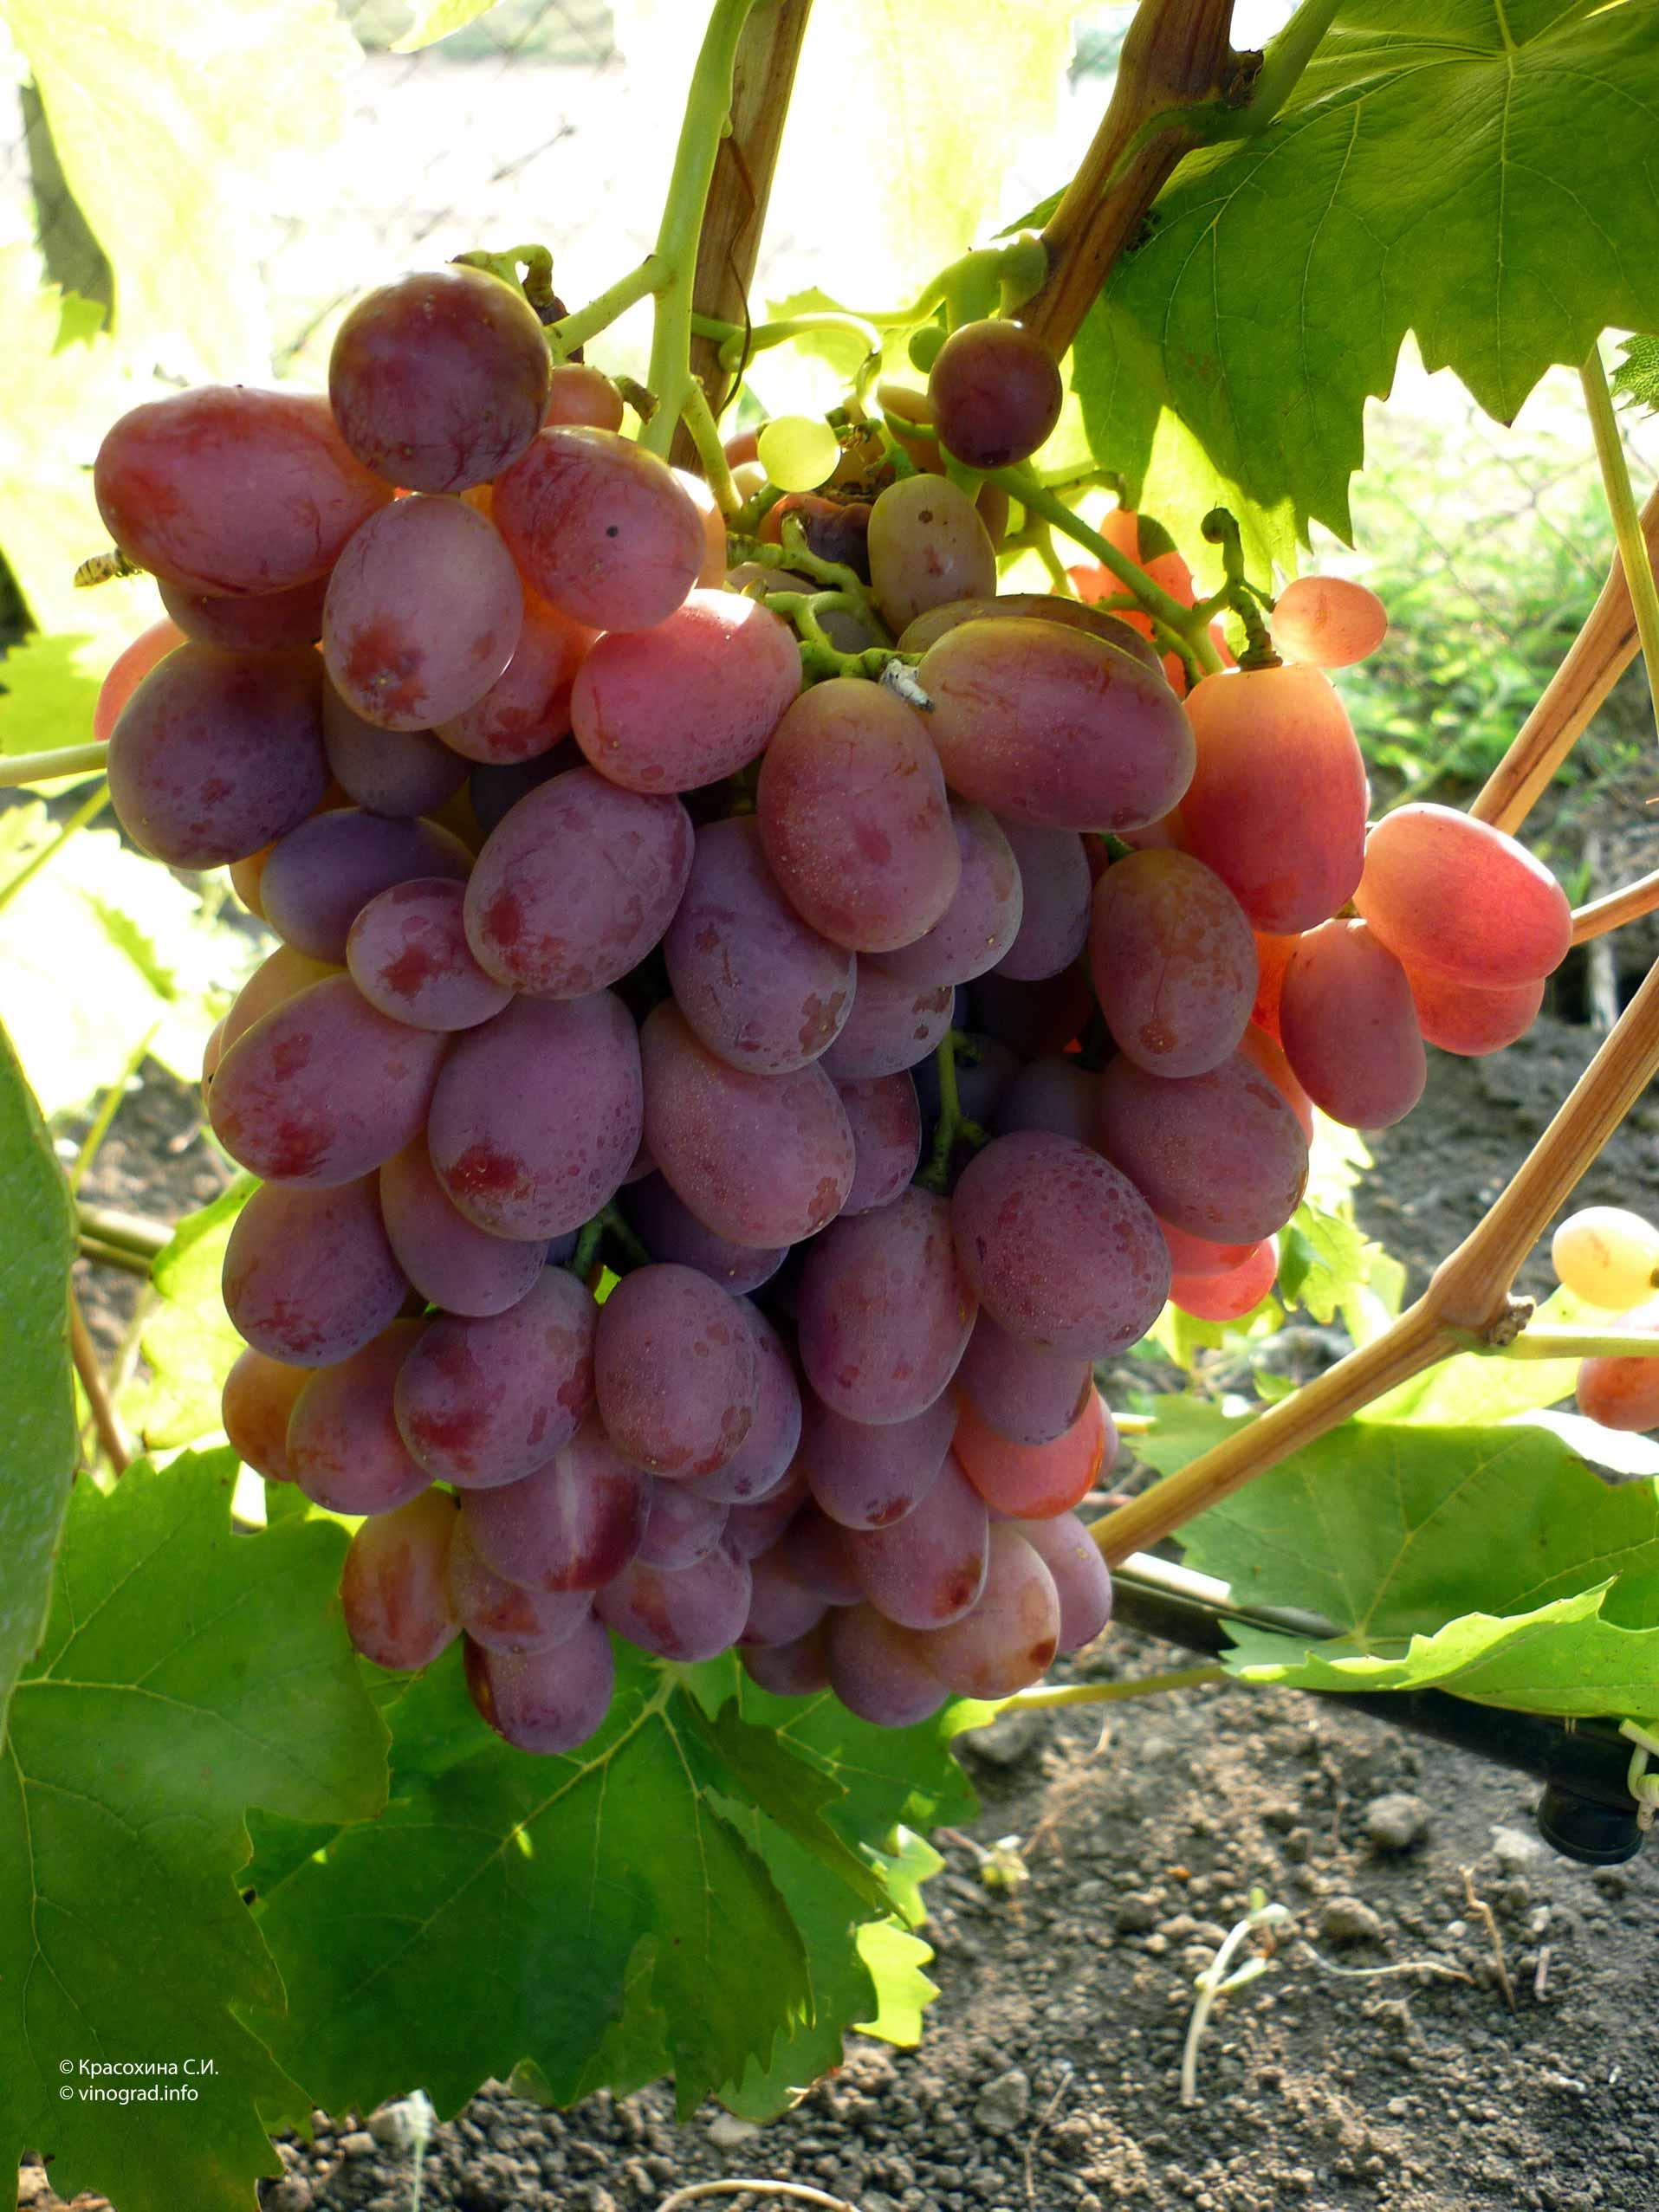 Виноград ризамат: описание разновидности сорта римазат и его основные характеристики